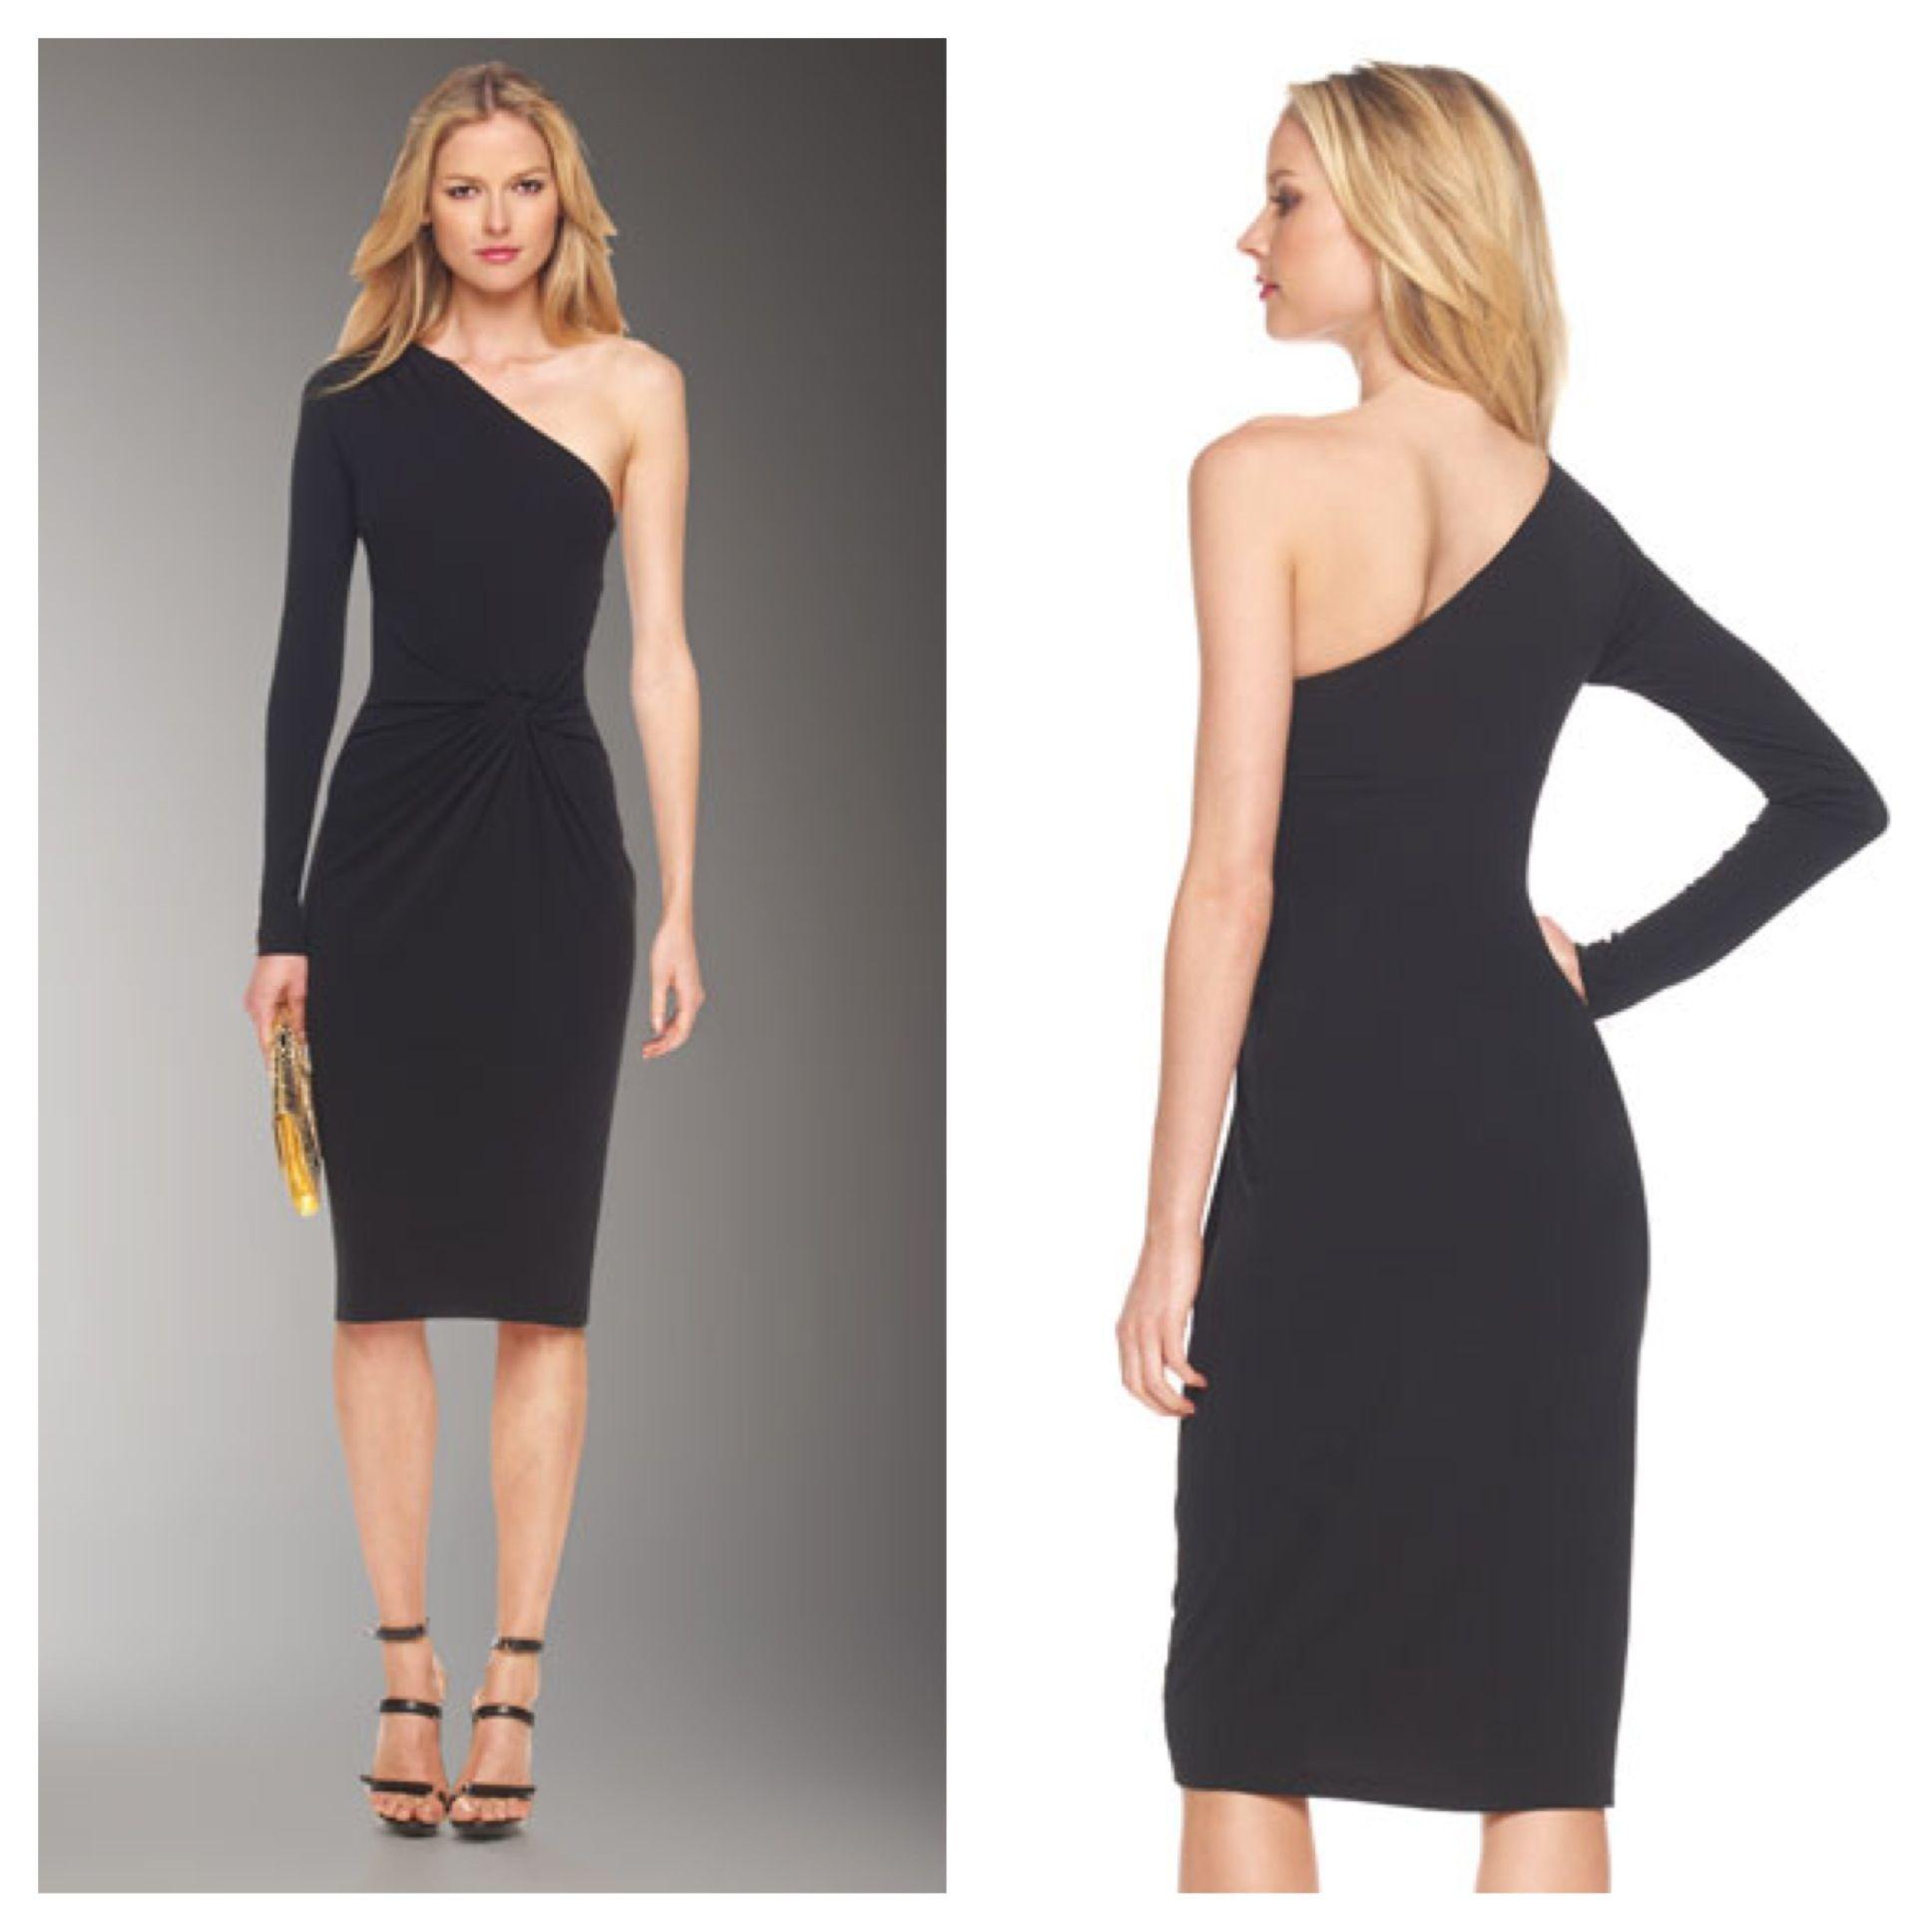 Off the shoulder black long sleeve short dress